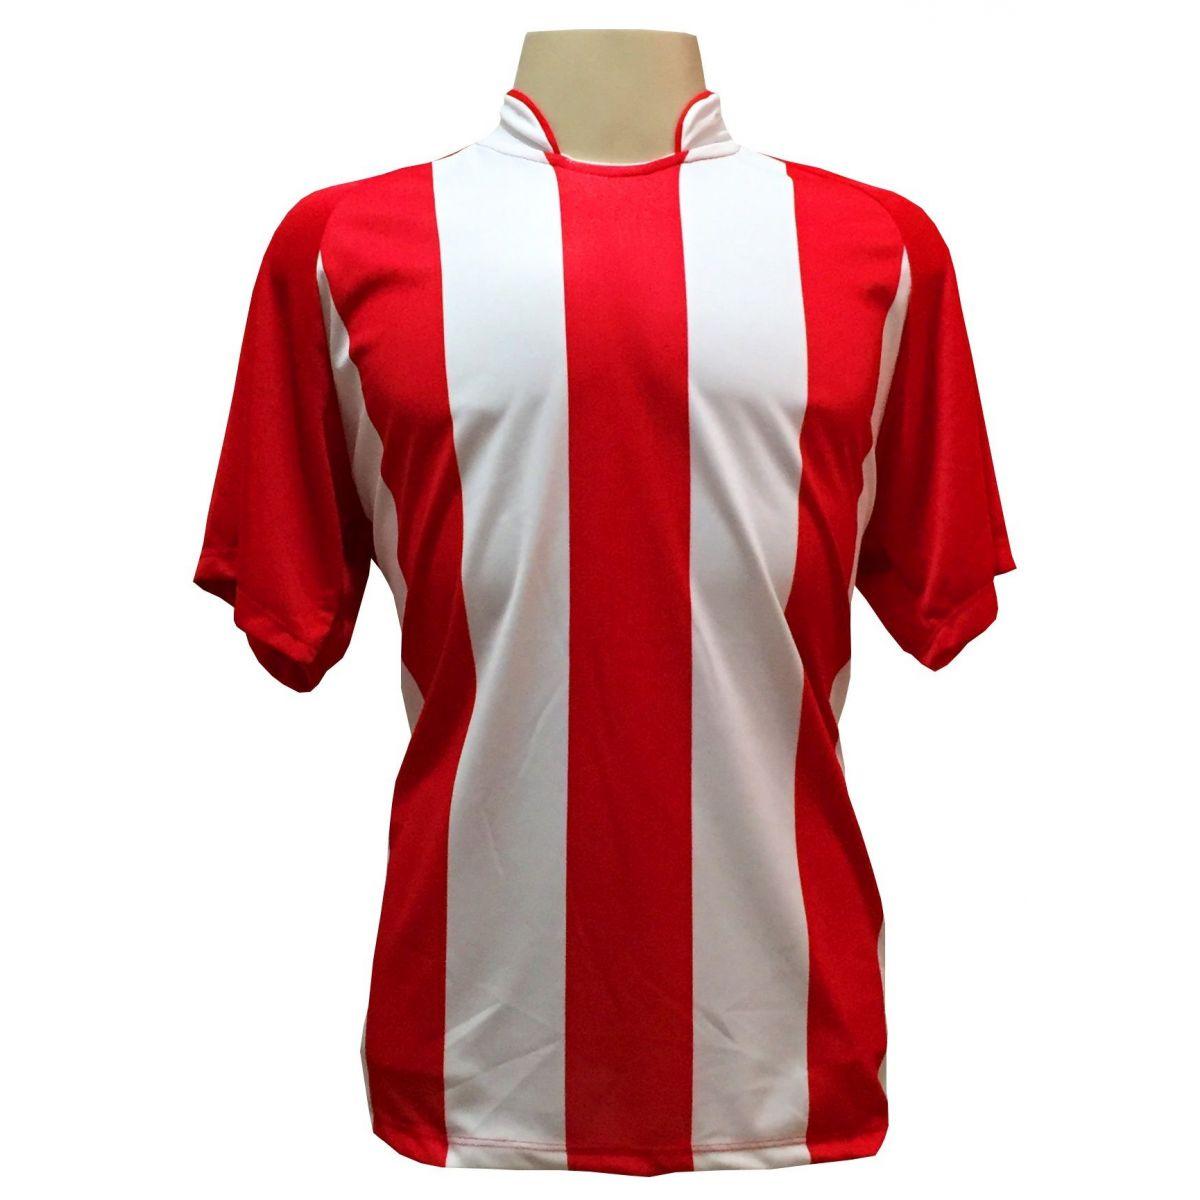 Uniforme Esportivo com 18 camisas modelo Milan Vermelho/Branco + 18 calções modelo Copa Vermelho/Branco + 18 pares de meiões Branco